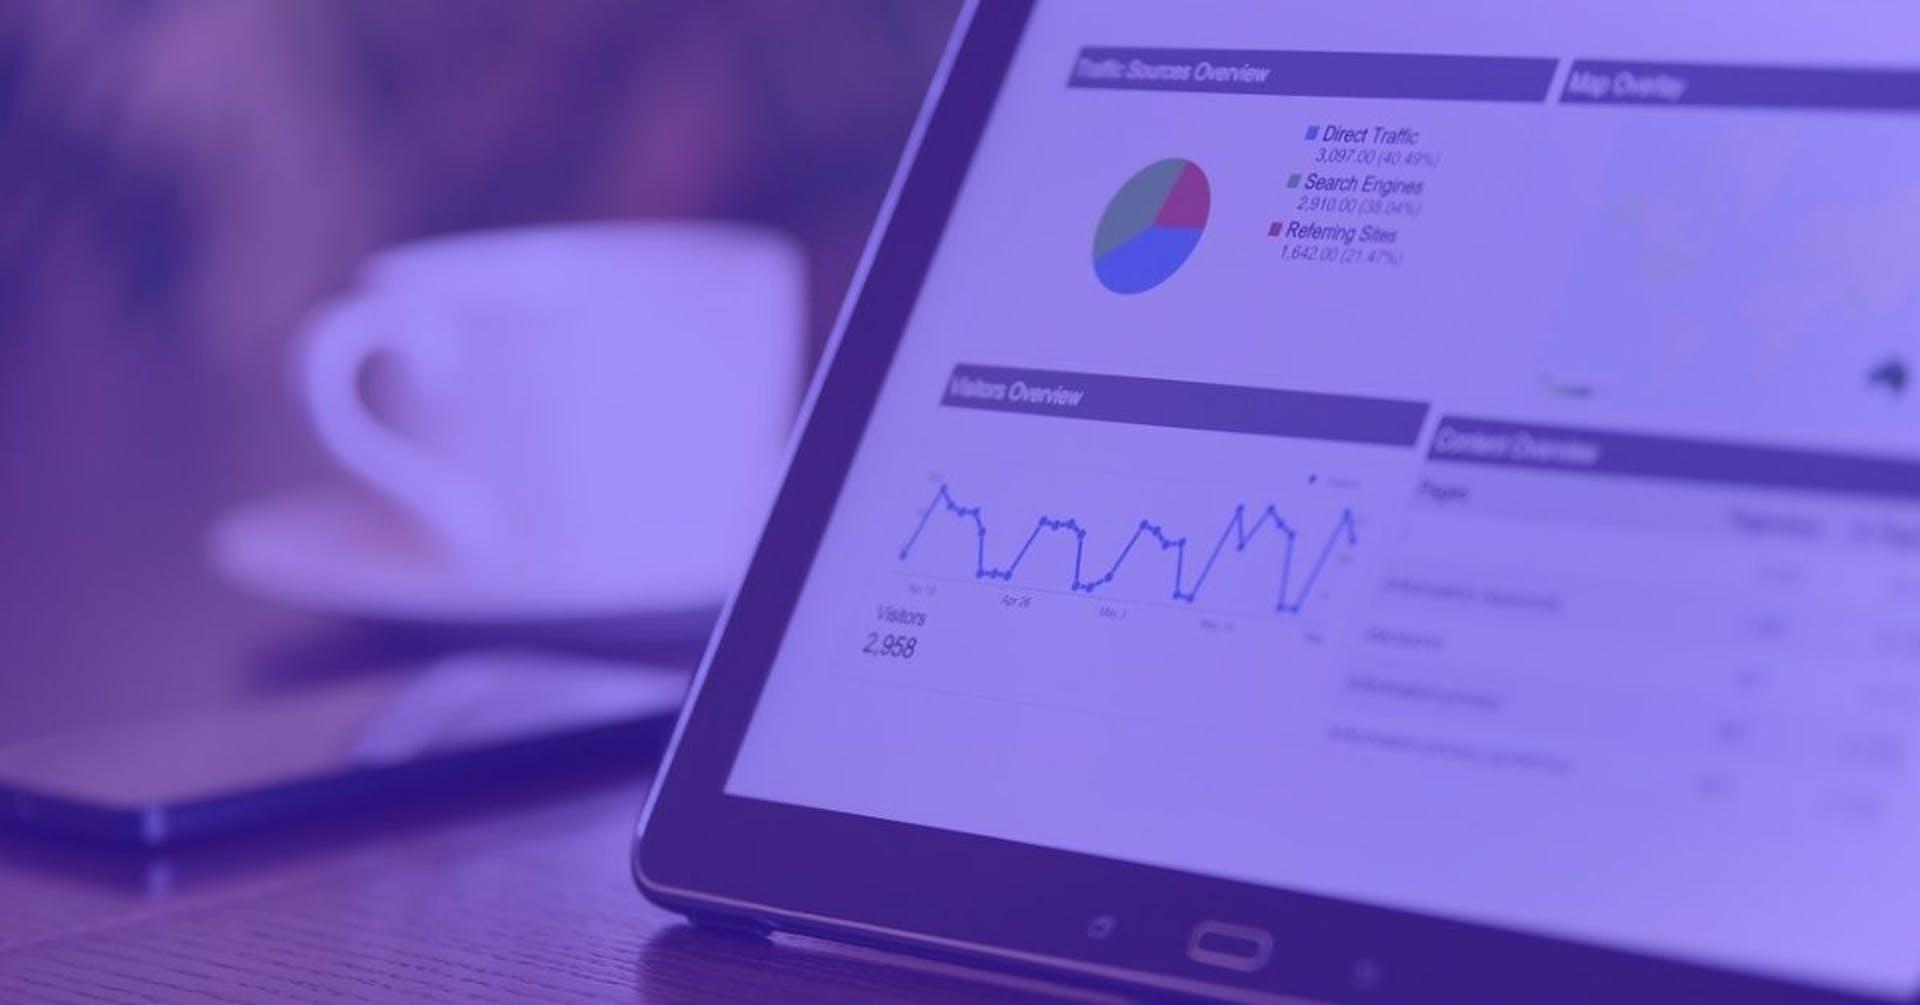 SimilarWeb: Analiza a tus clientes y competidores de forma fácil y rápida